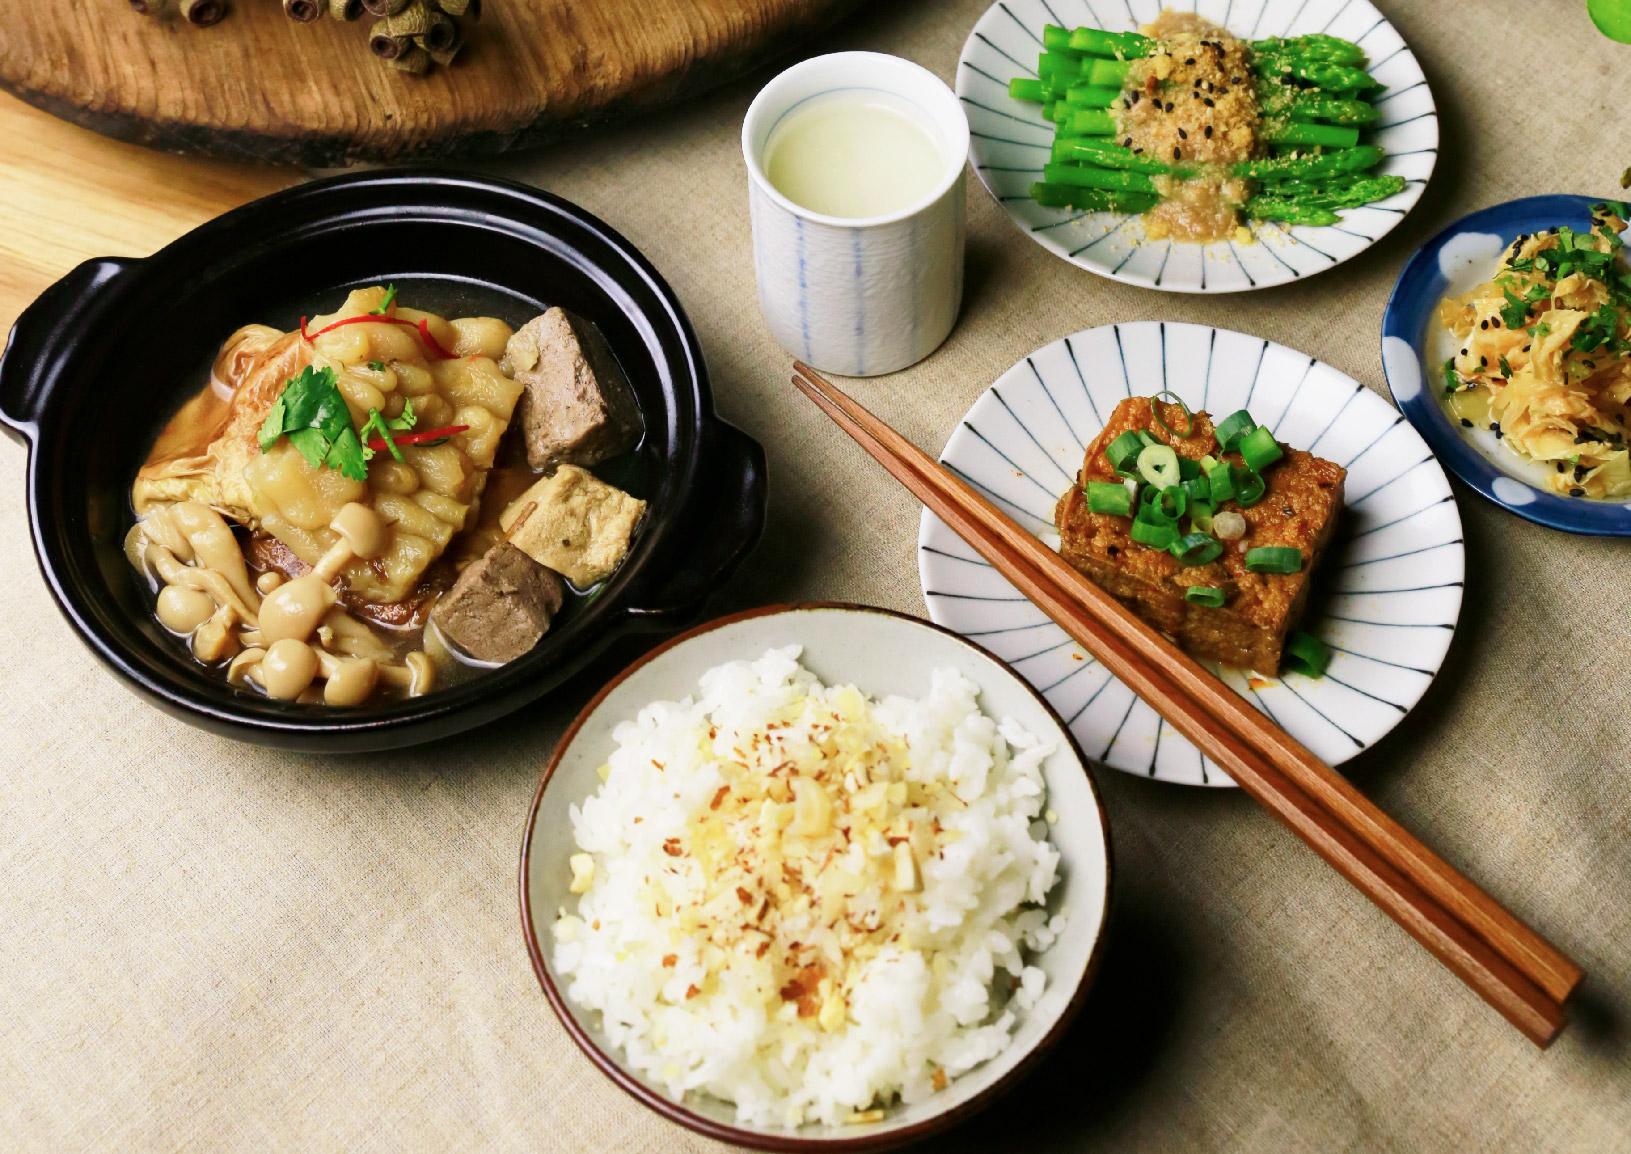 清燉苦瓜梅干豆包 以味噌溜清燉苦瓜,加入傳統梅干與禾乃川手作豆皮豆腐入菜,成就一道全蔬食料理。 | 甘樂食堂 | 古厝裡的美味時光